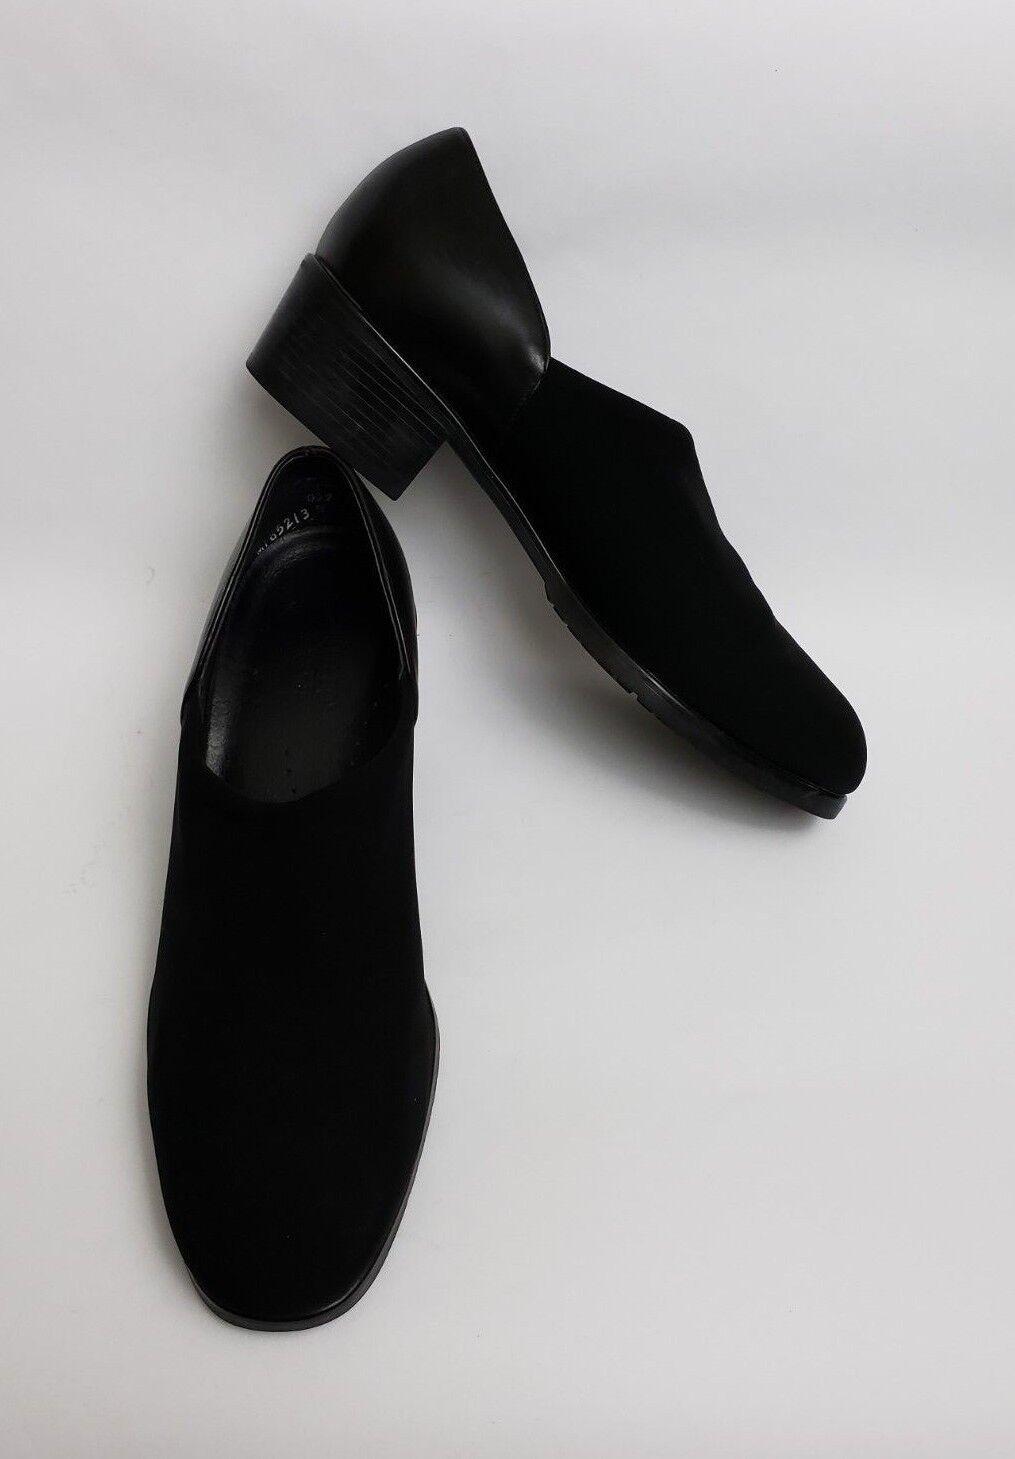 Munro Zapatos Tacones Antideslizante En Tela Superior De Cuero Cuero Cuero Negro EE. UU. para mujer Talla 8.5 M  salida de fábrica